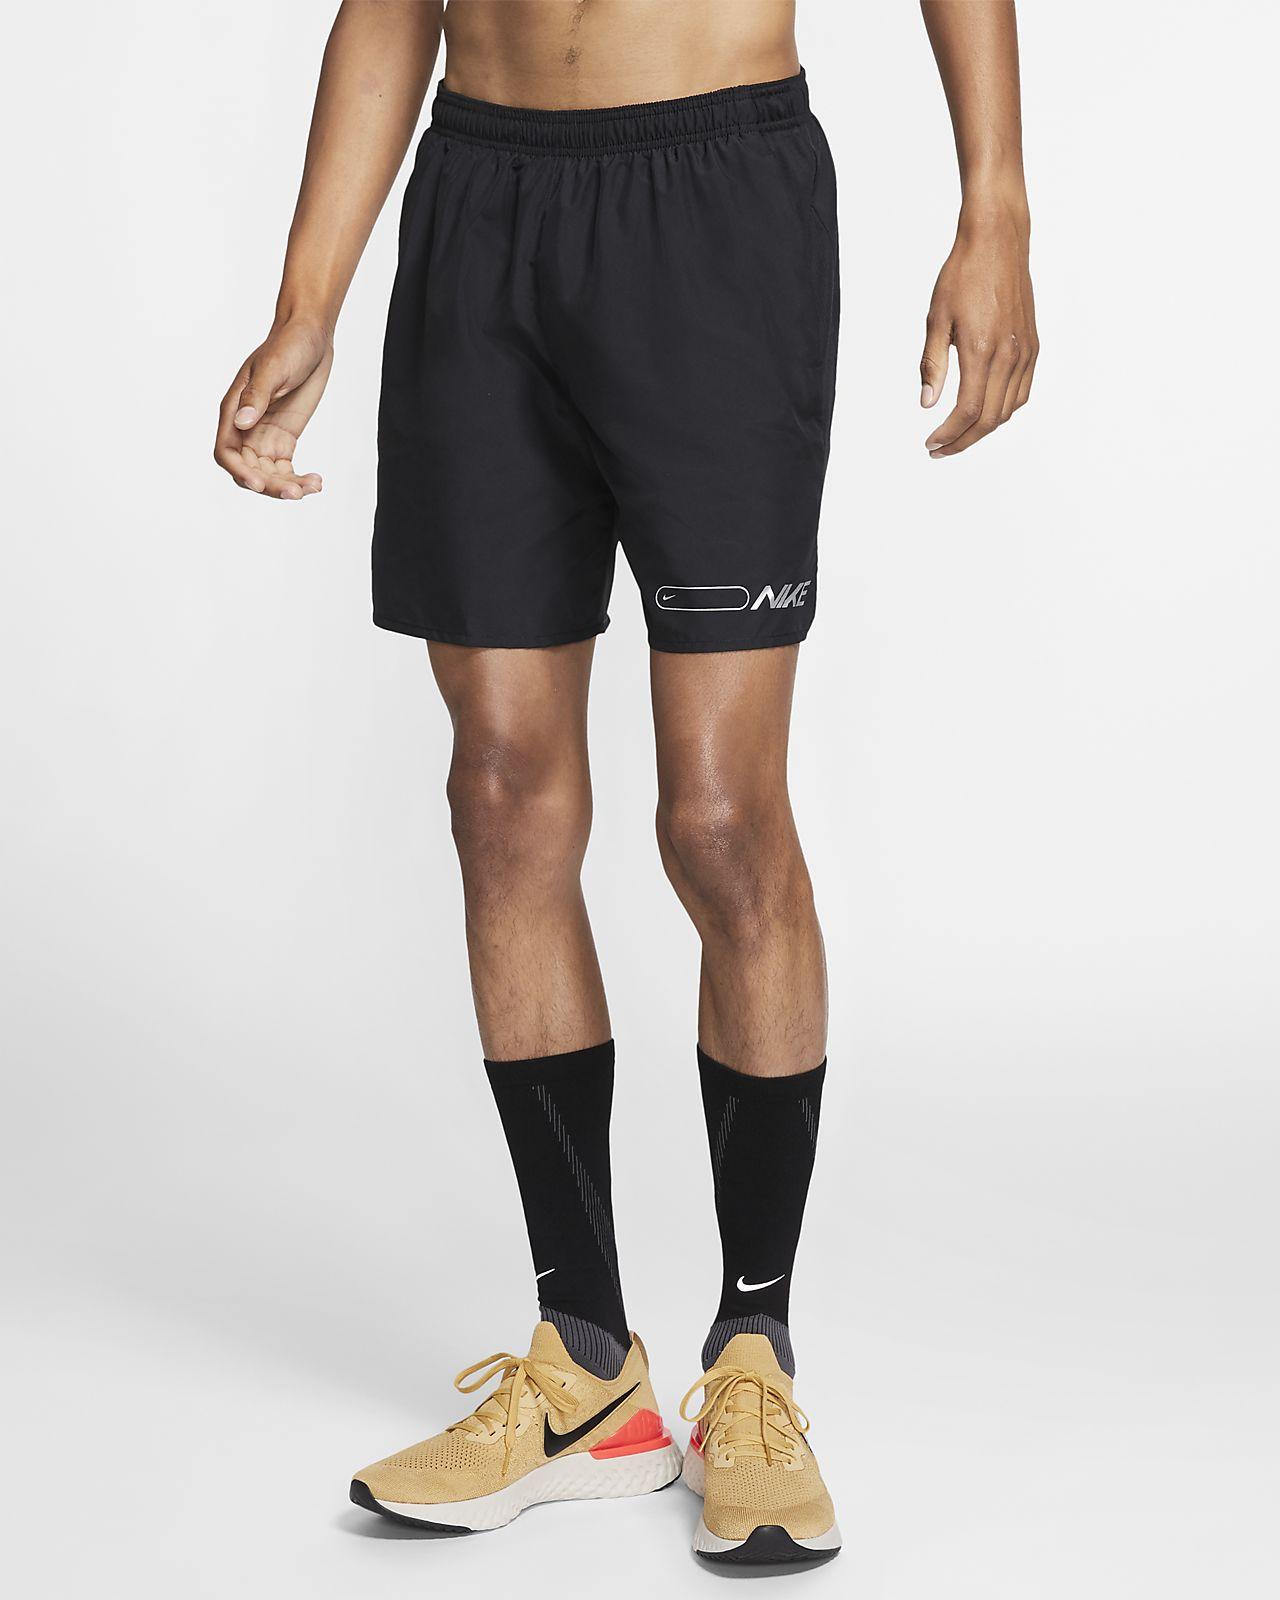 Nike Air Challenger løbeshorts til mænd (18 cm)